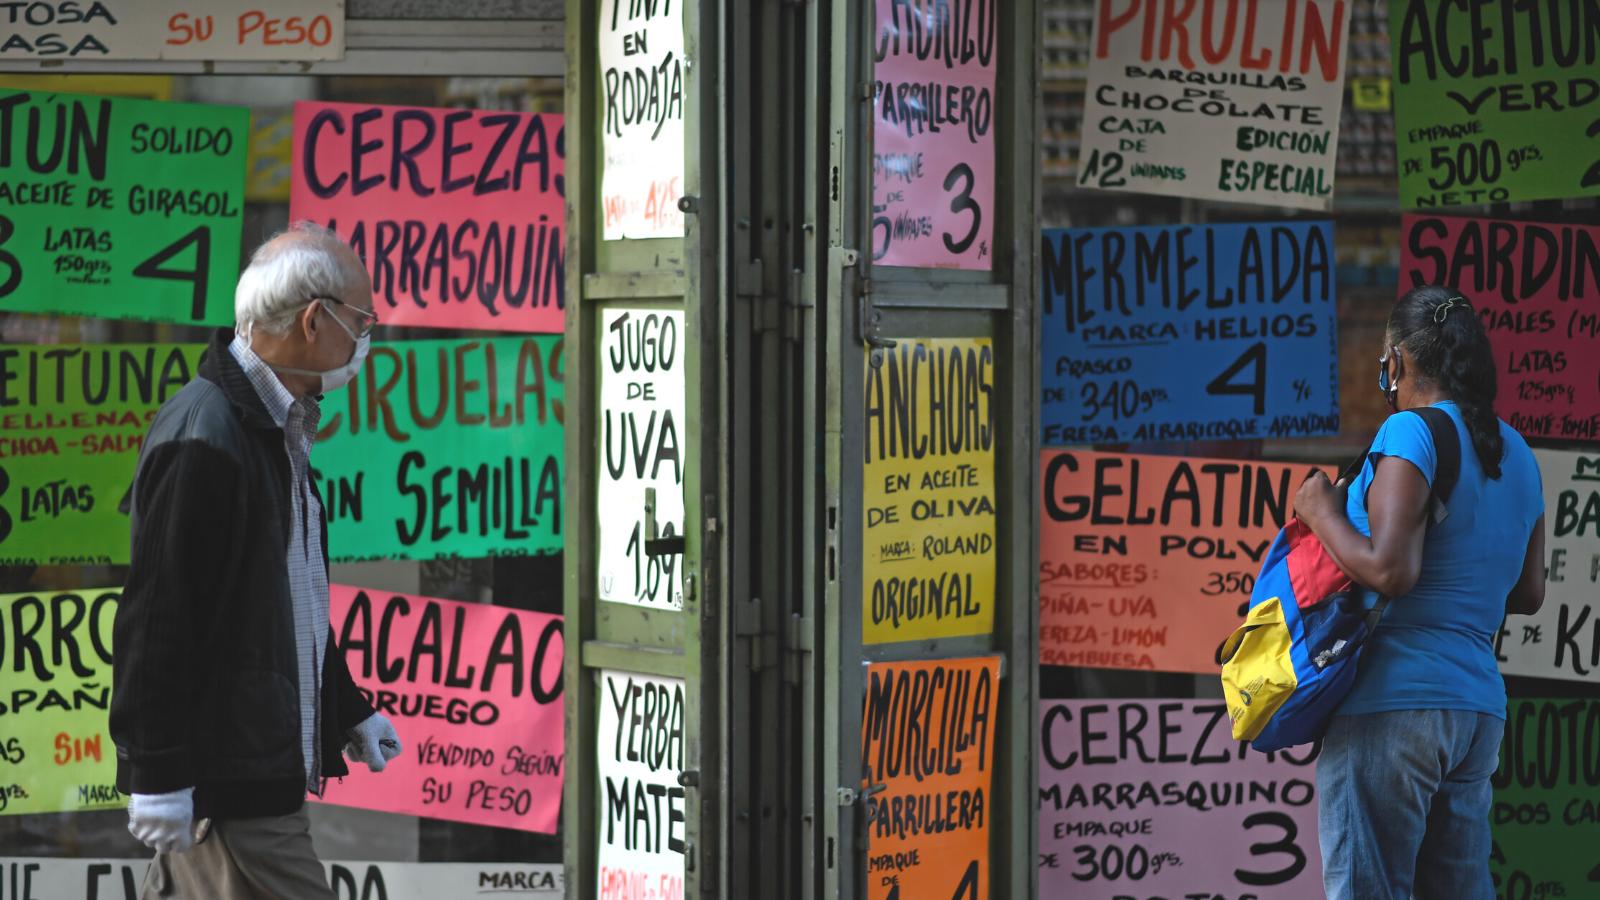 El 65% de los pagos en efectivo en Venezuela son en dólares